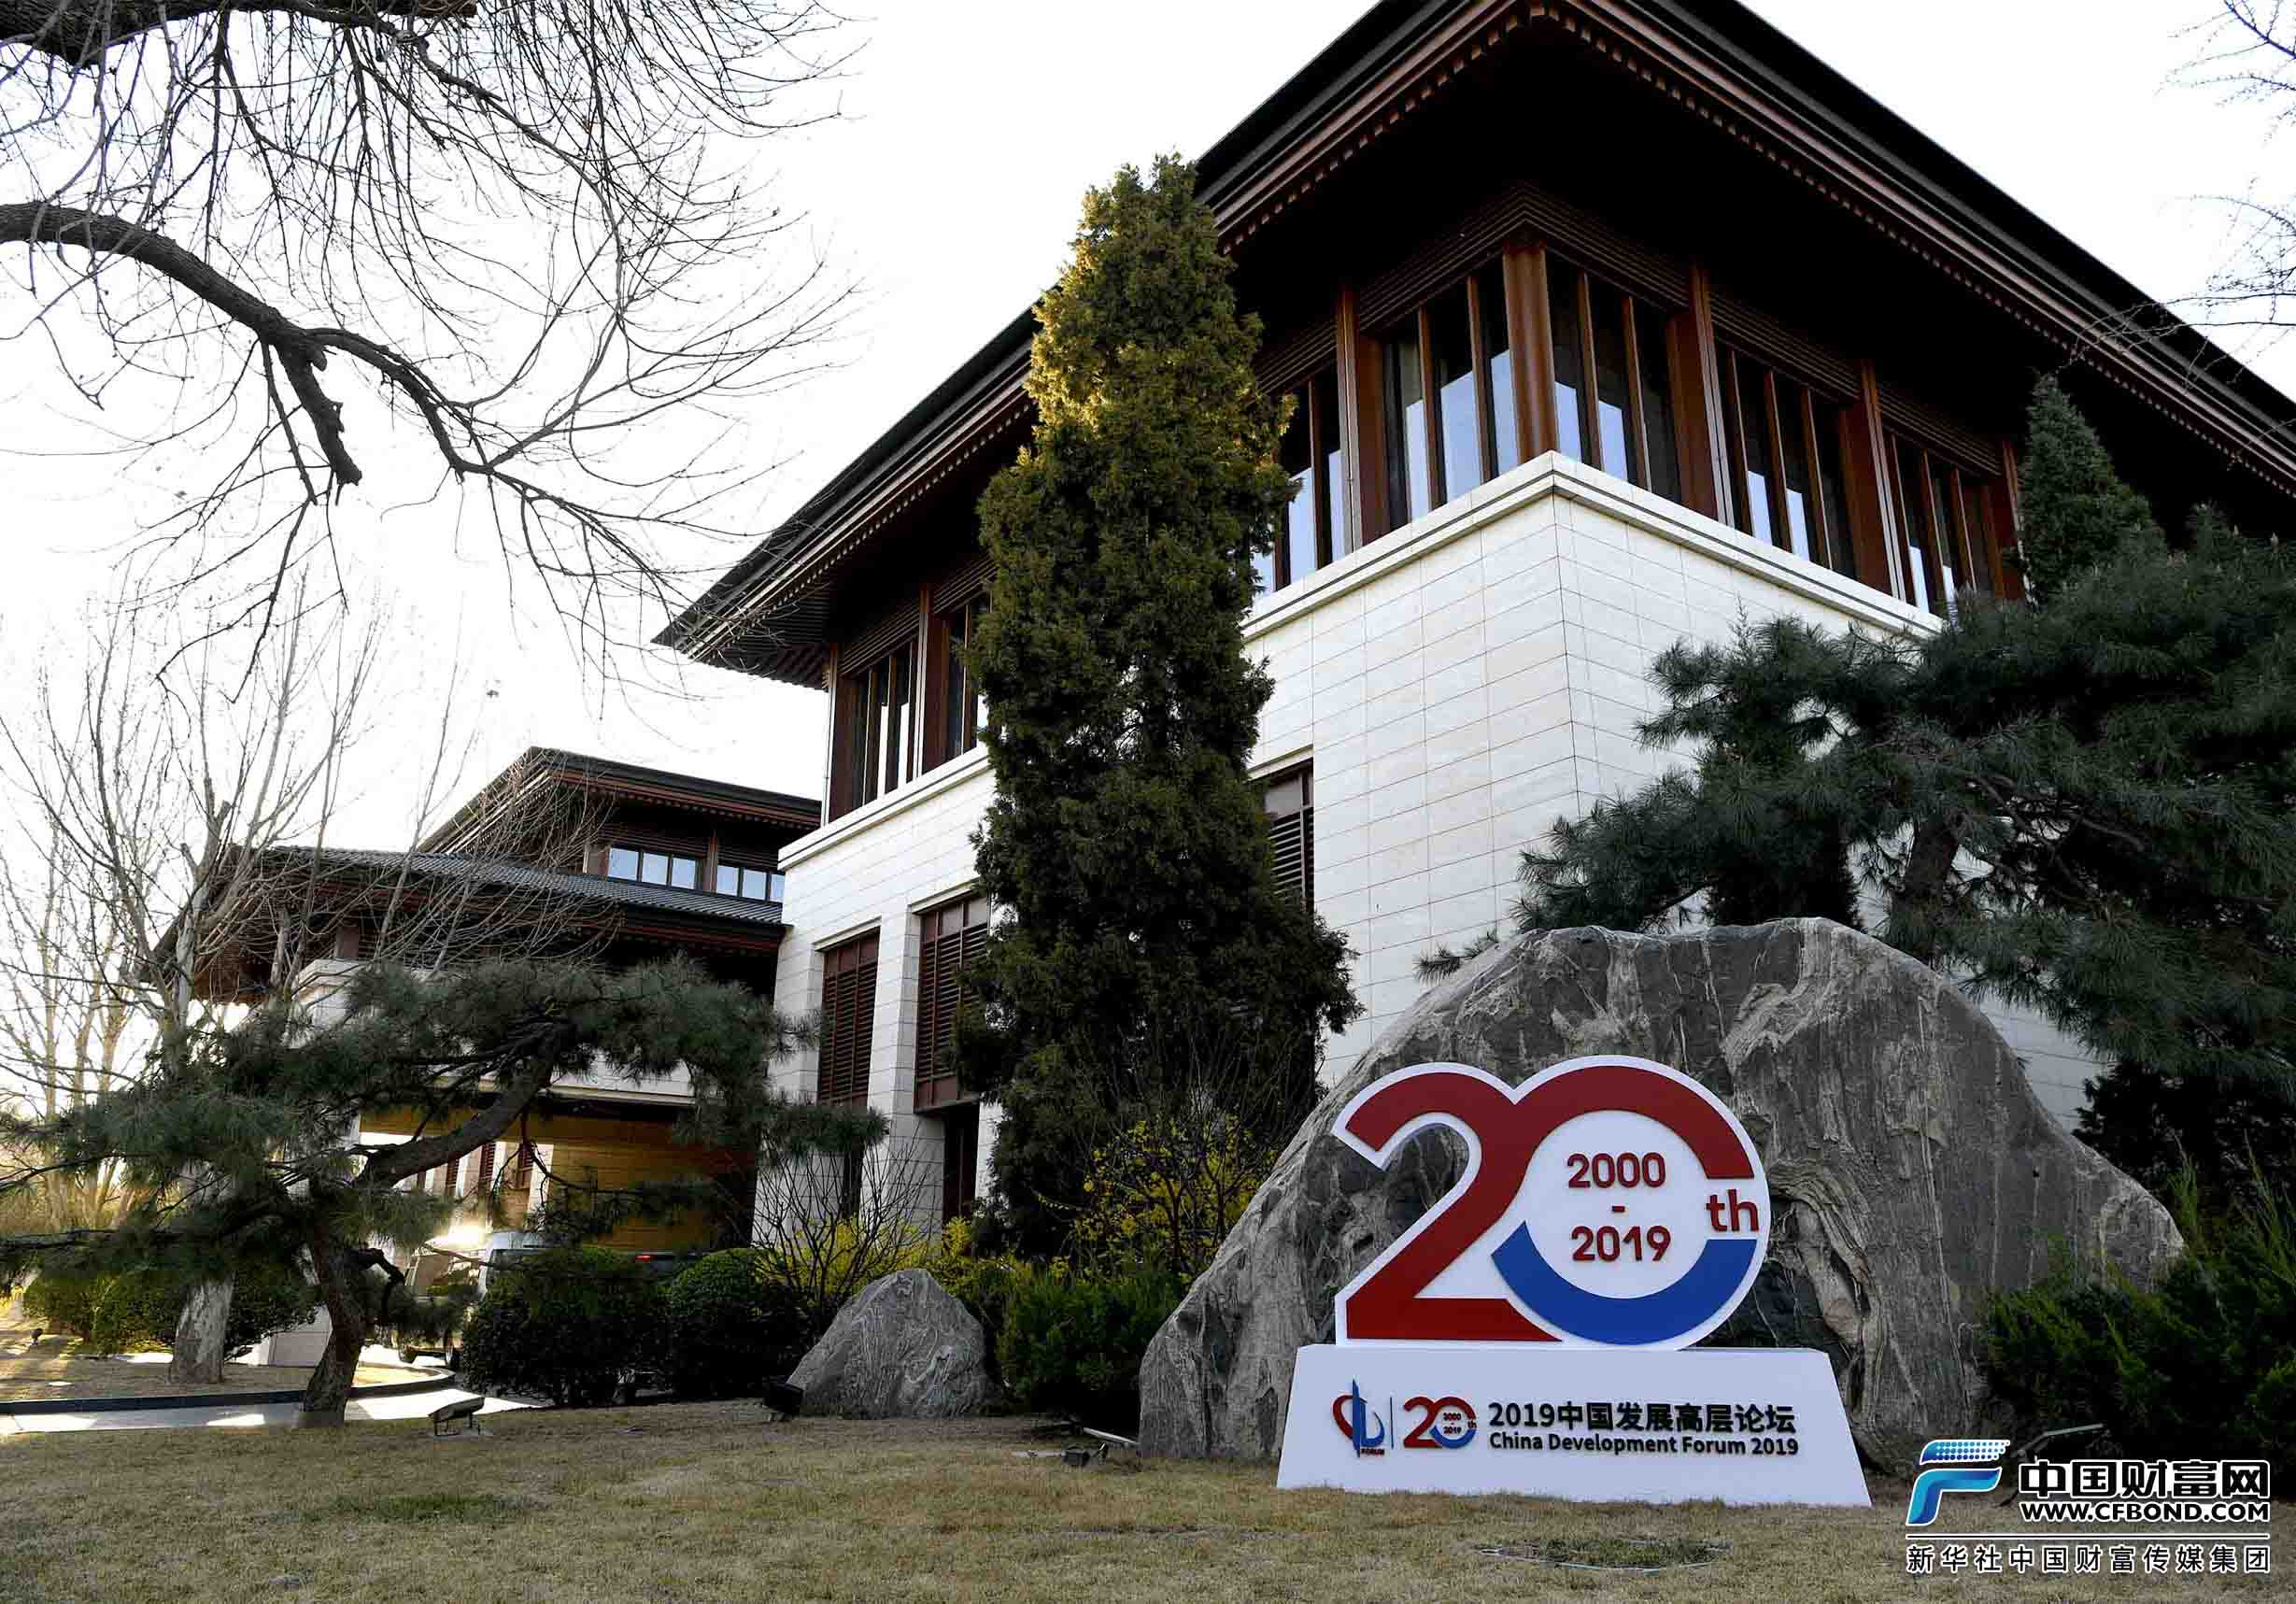 中国发展高层论坛2019年会盛大开幕